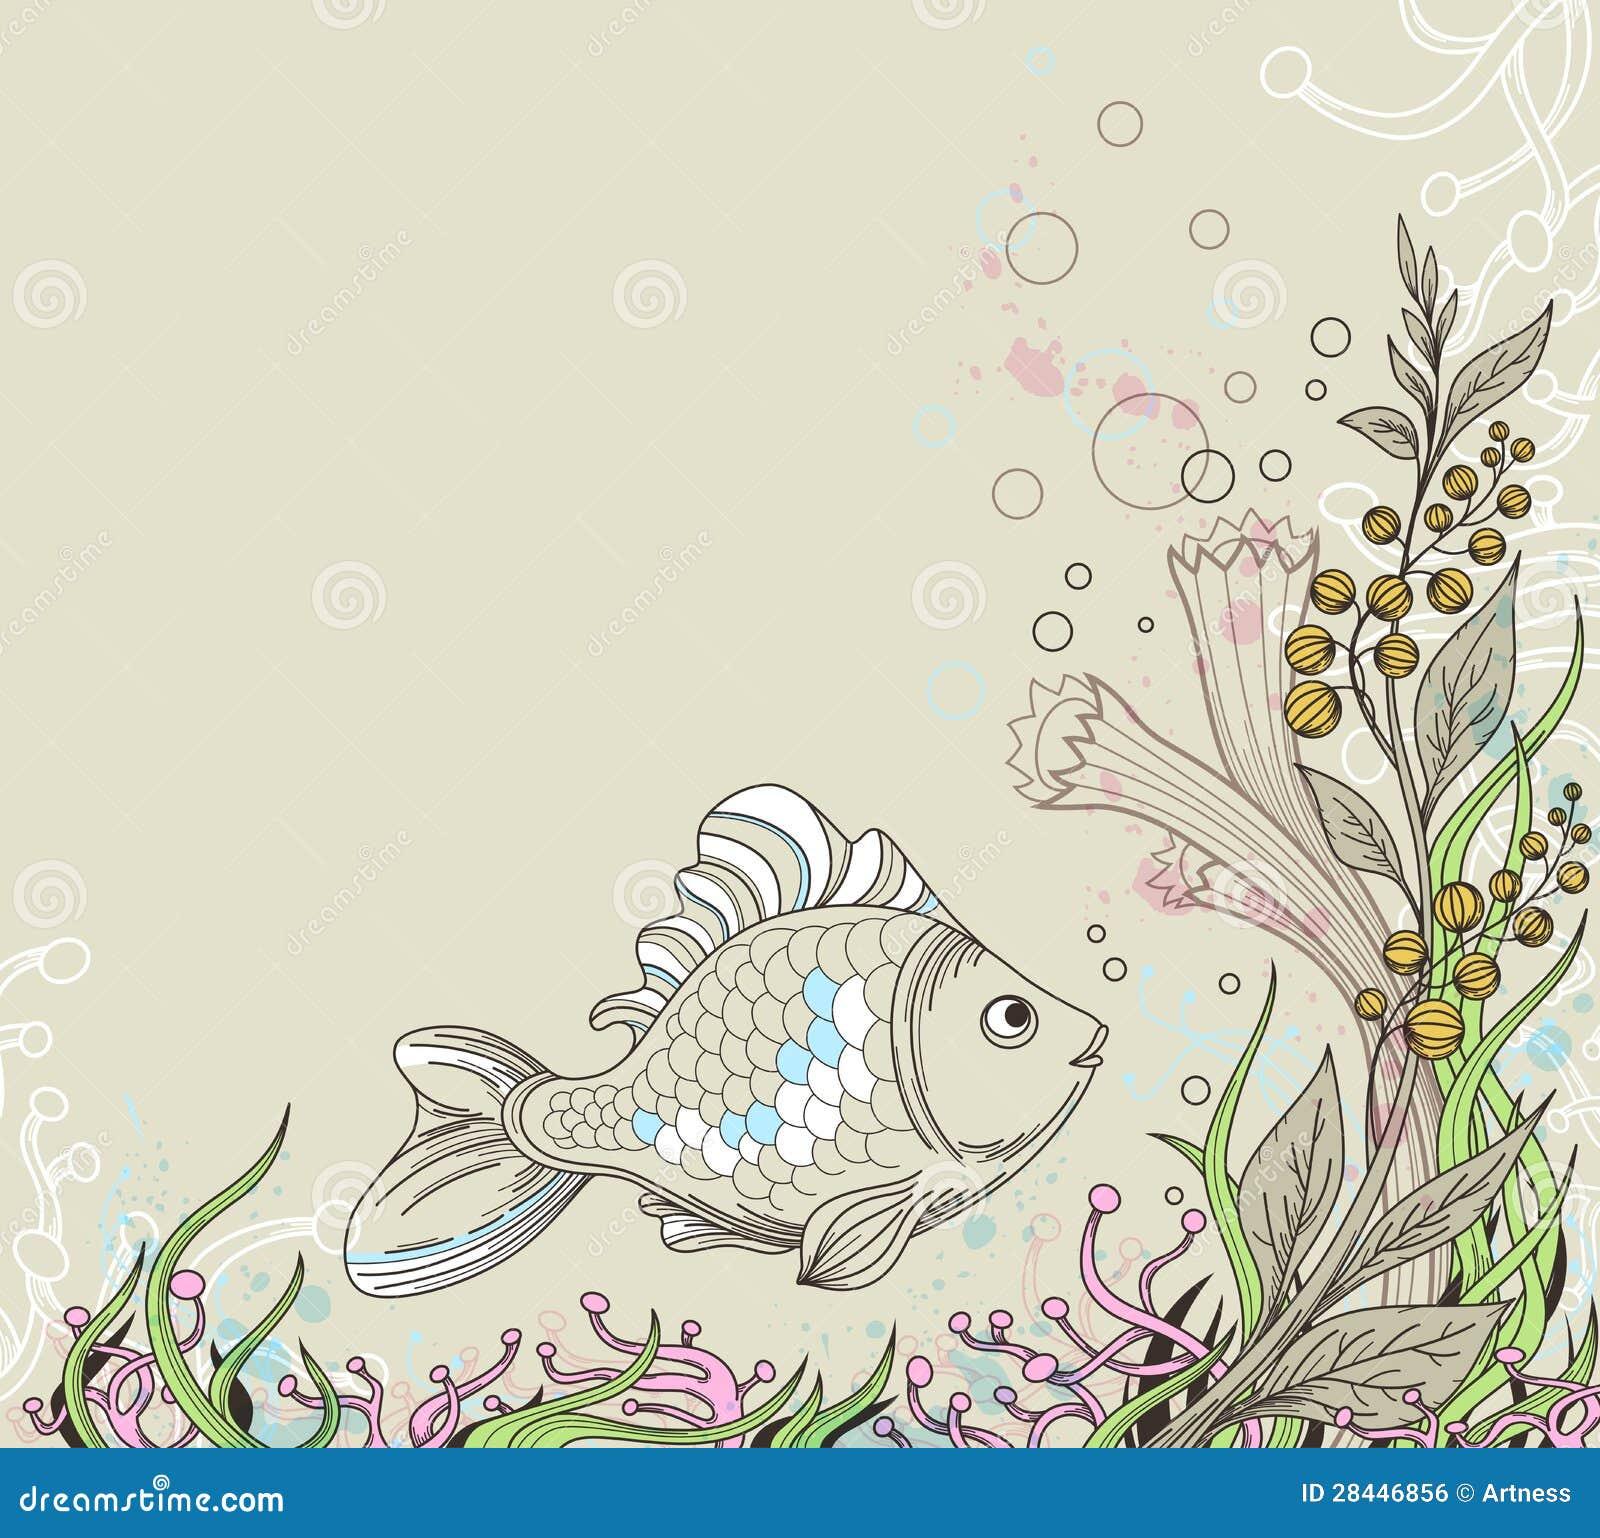 Fondo marino illustrazione vettoriale immagine di for Disegno paesaggio marino